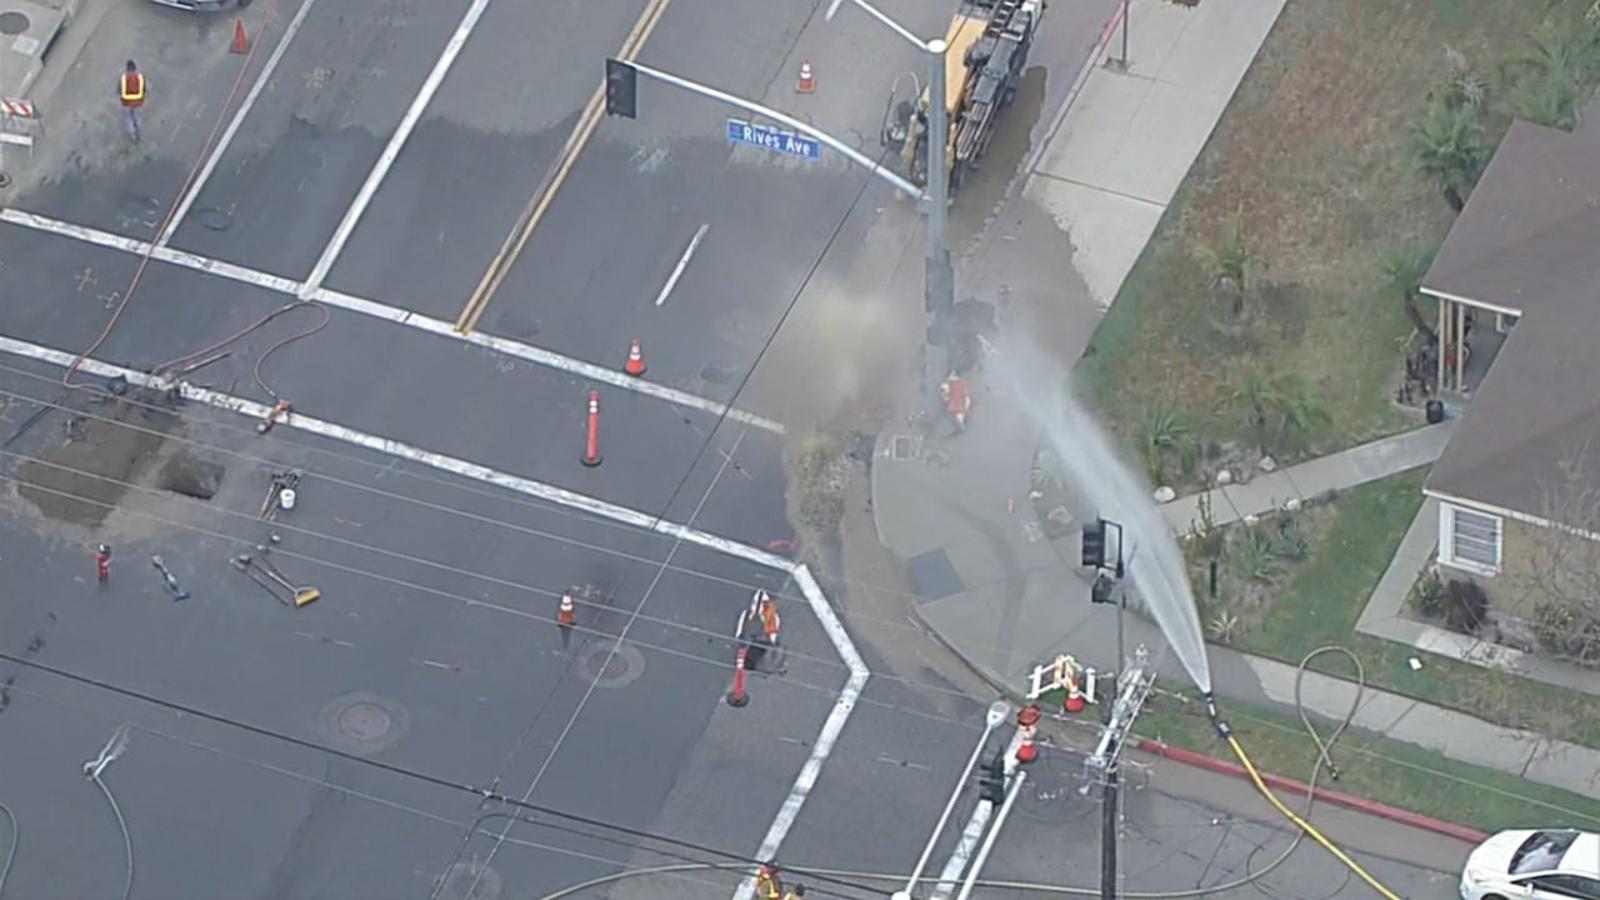 唐尼市发生煤气泄漏事件,避险通知意外发送到涉事以外人群